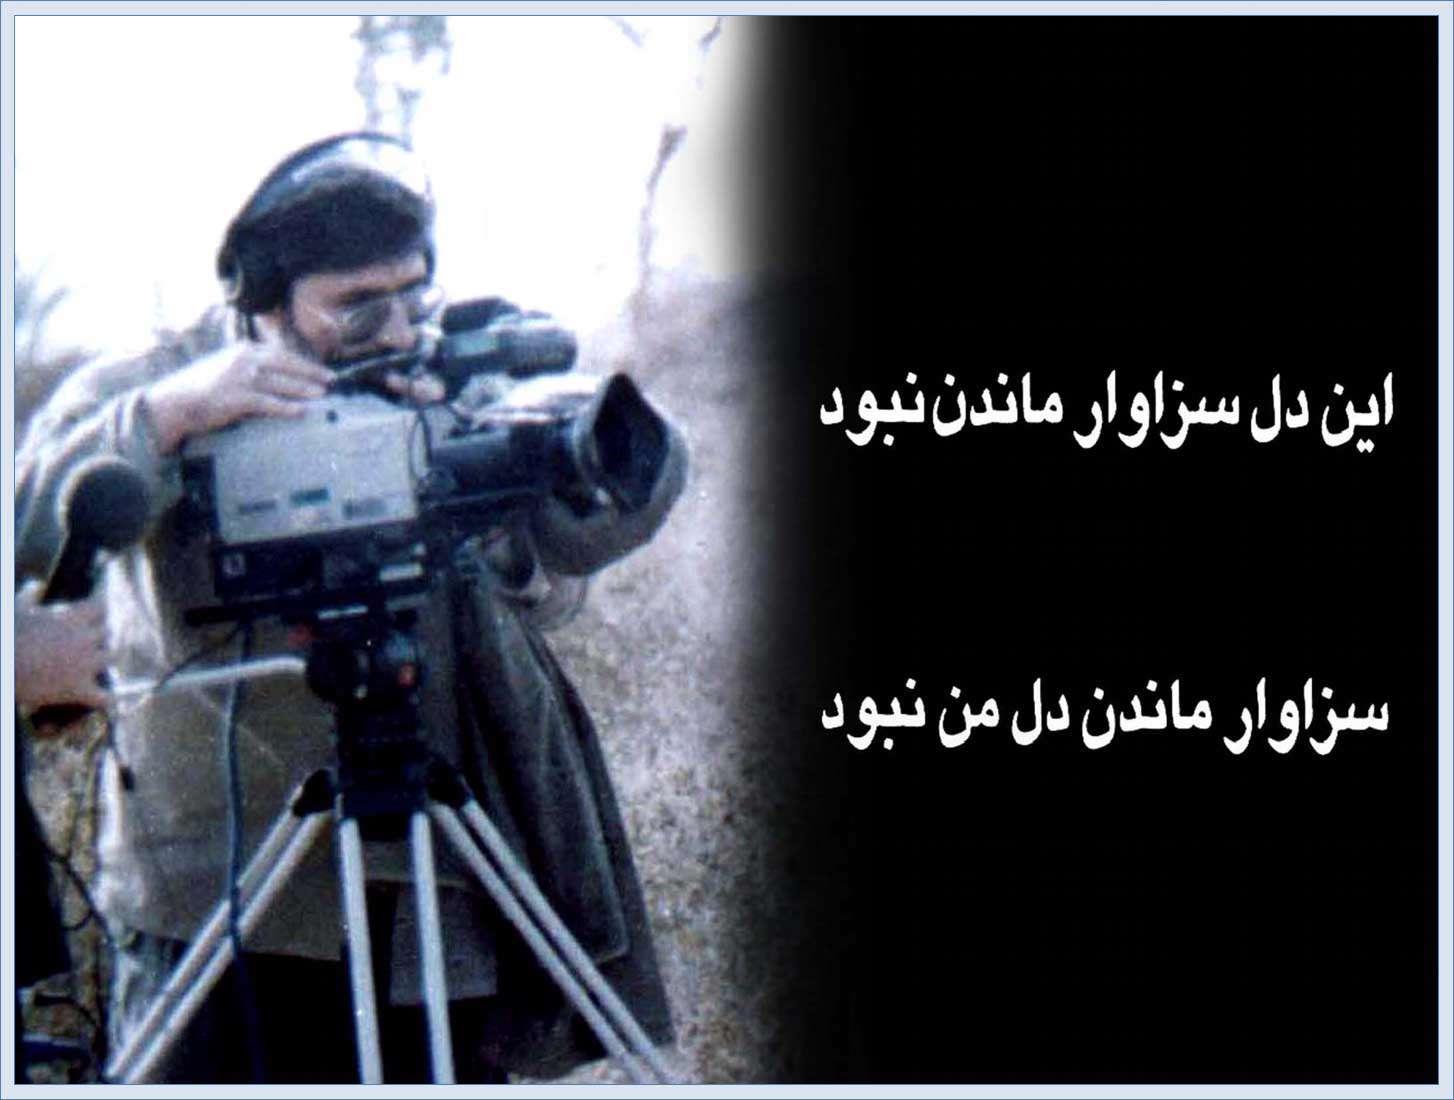 عکس هایی از شهید اوینی